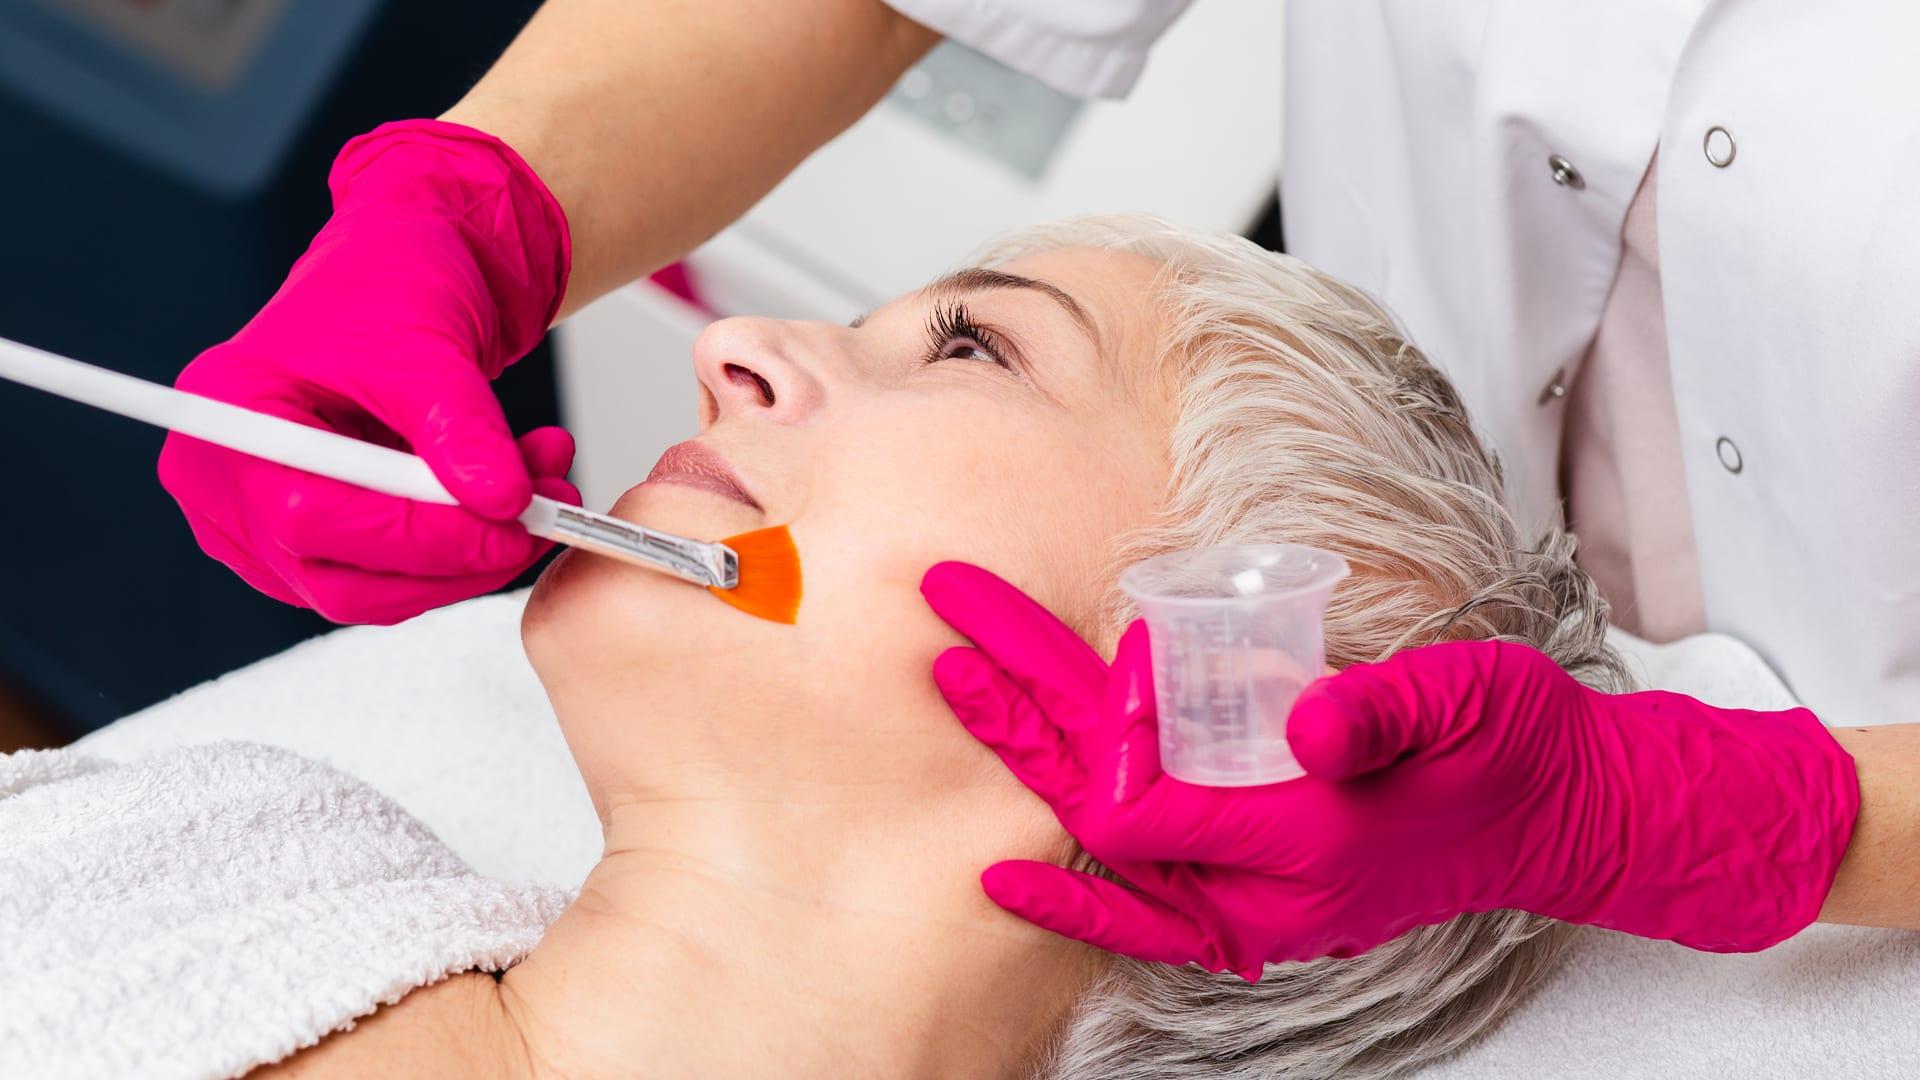 Bilde av utførelse med kjemisk Peeling på pasient - Østfold Plastikkirurgi Moss - Medisinsk Hudpleie